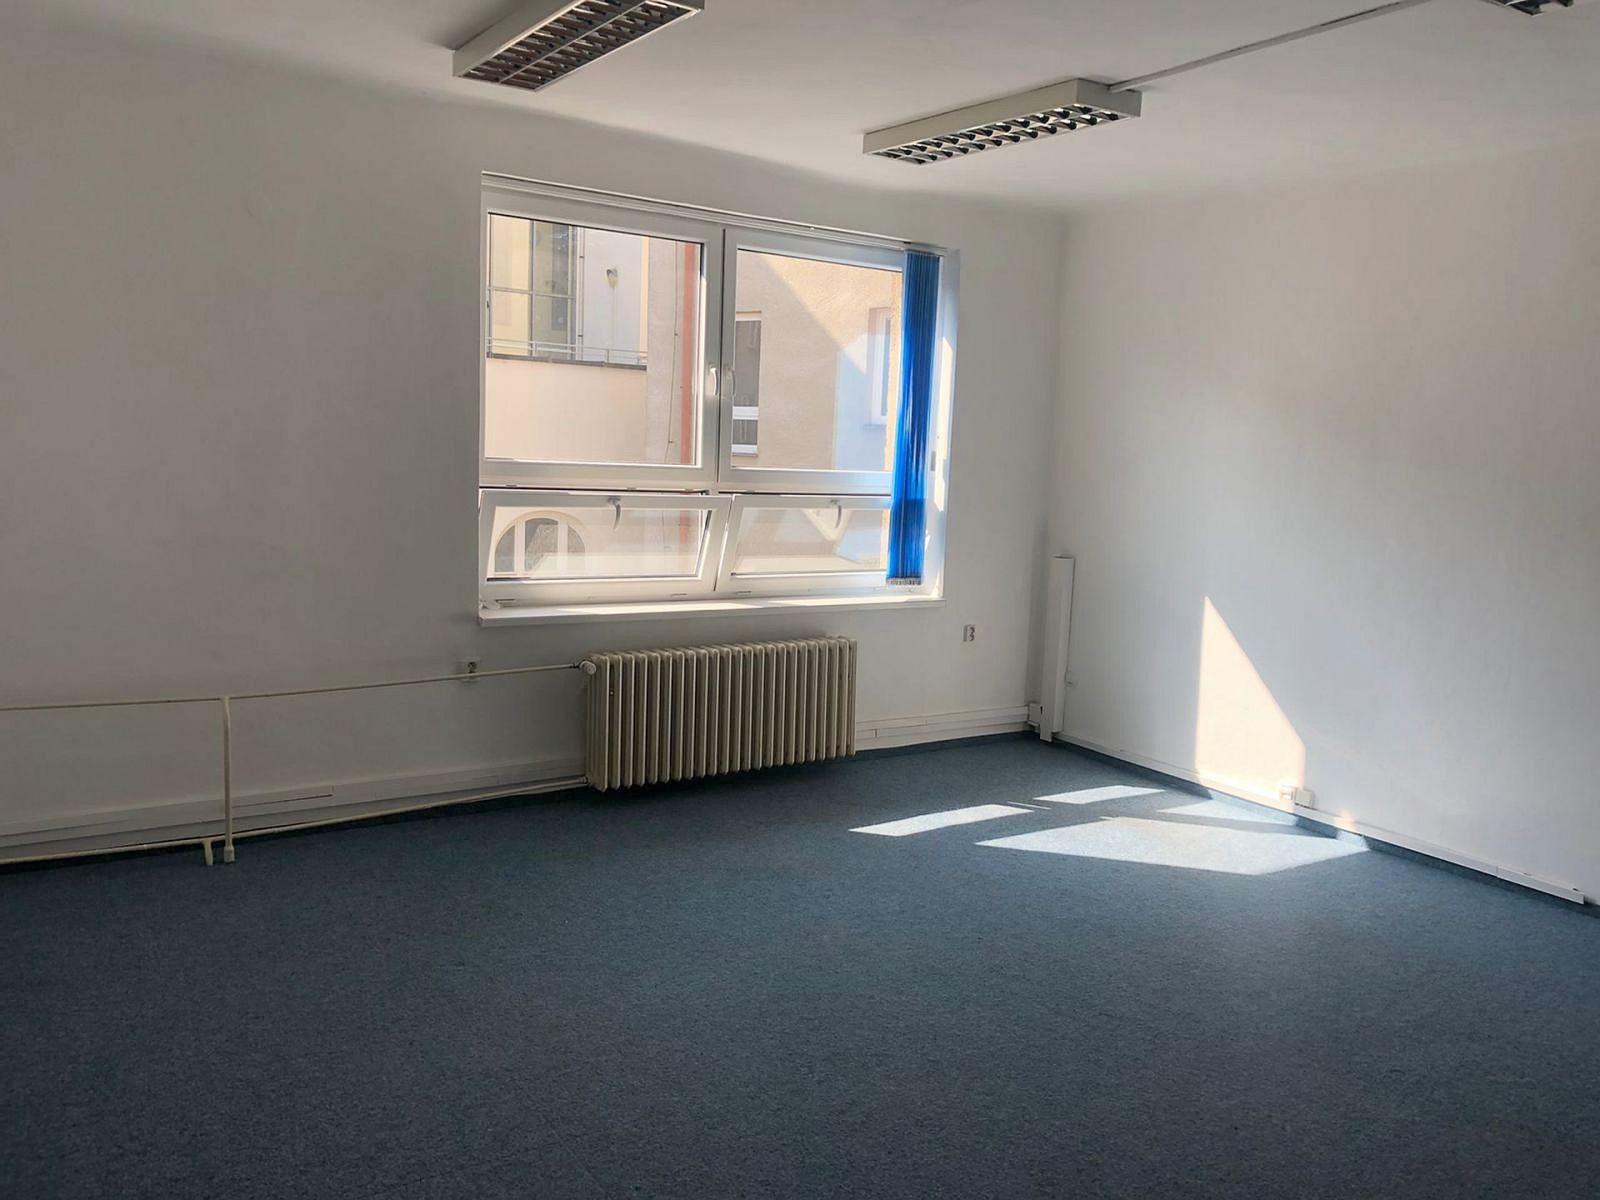 Pronájem kancelářských prostor v širším centru Plzně